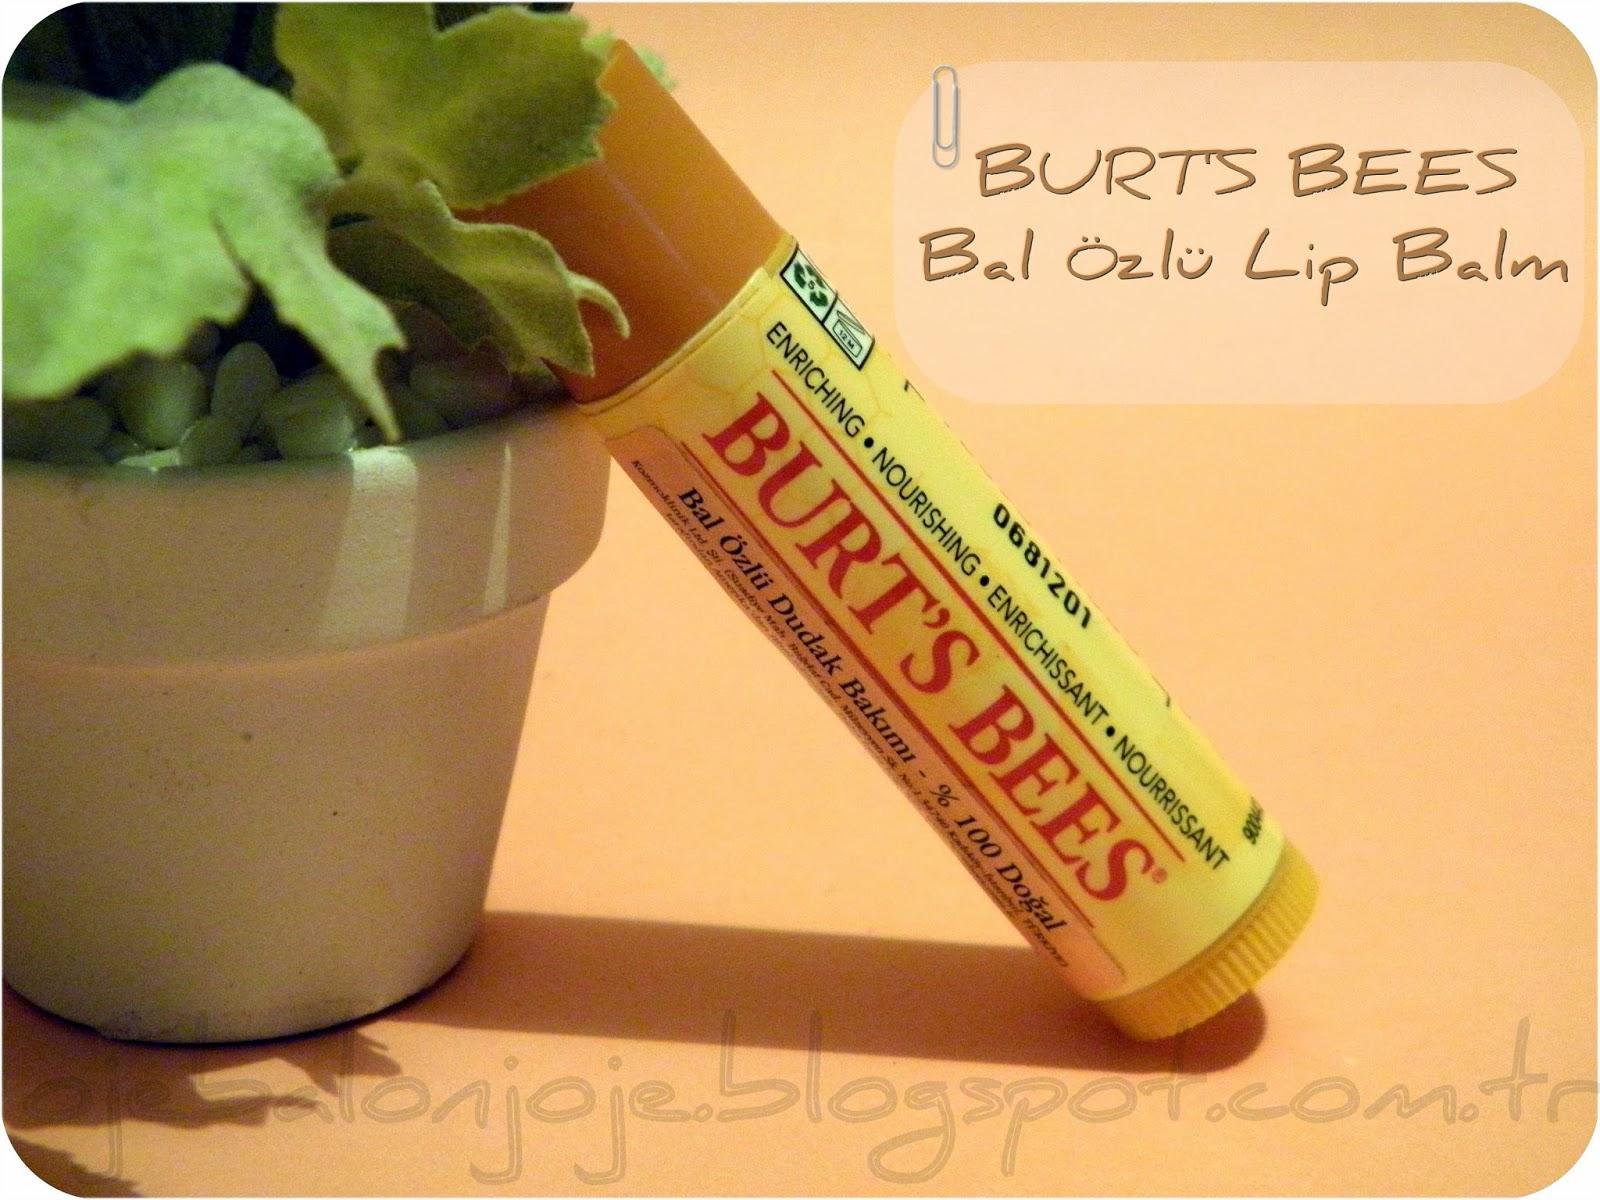 Burt's Bees Bal Özlü Lip Balm